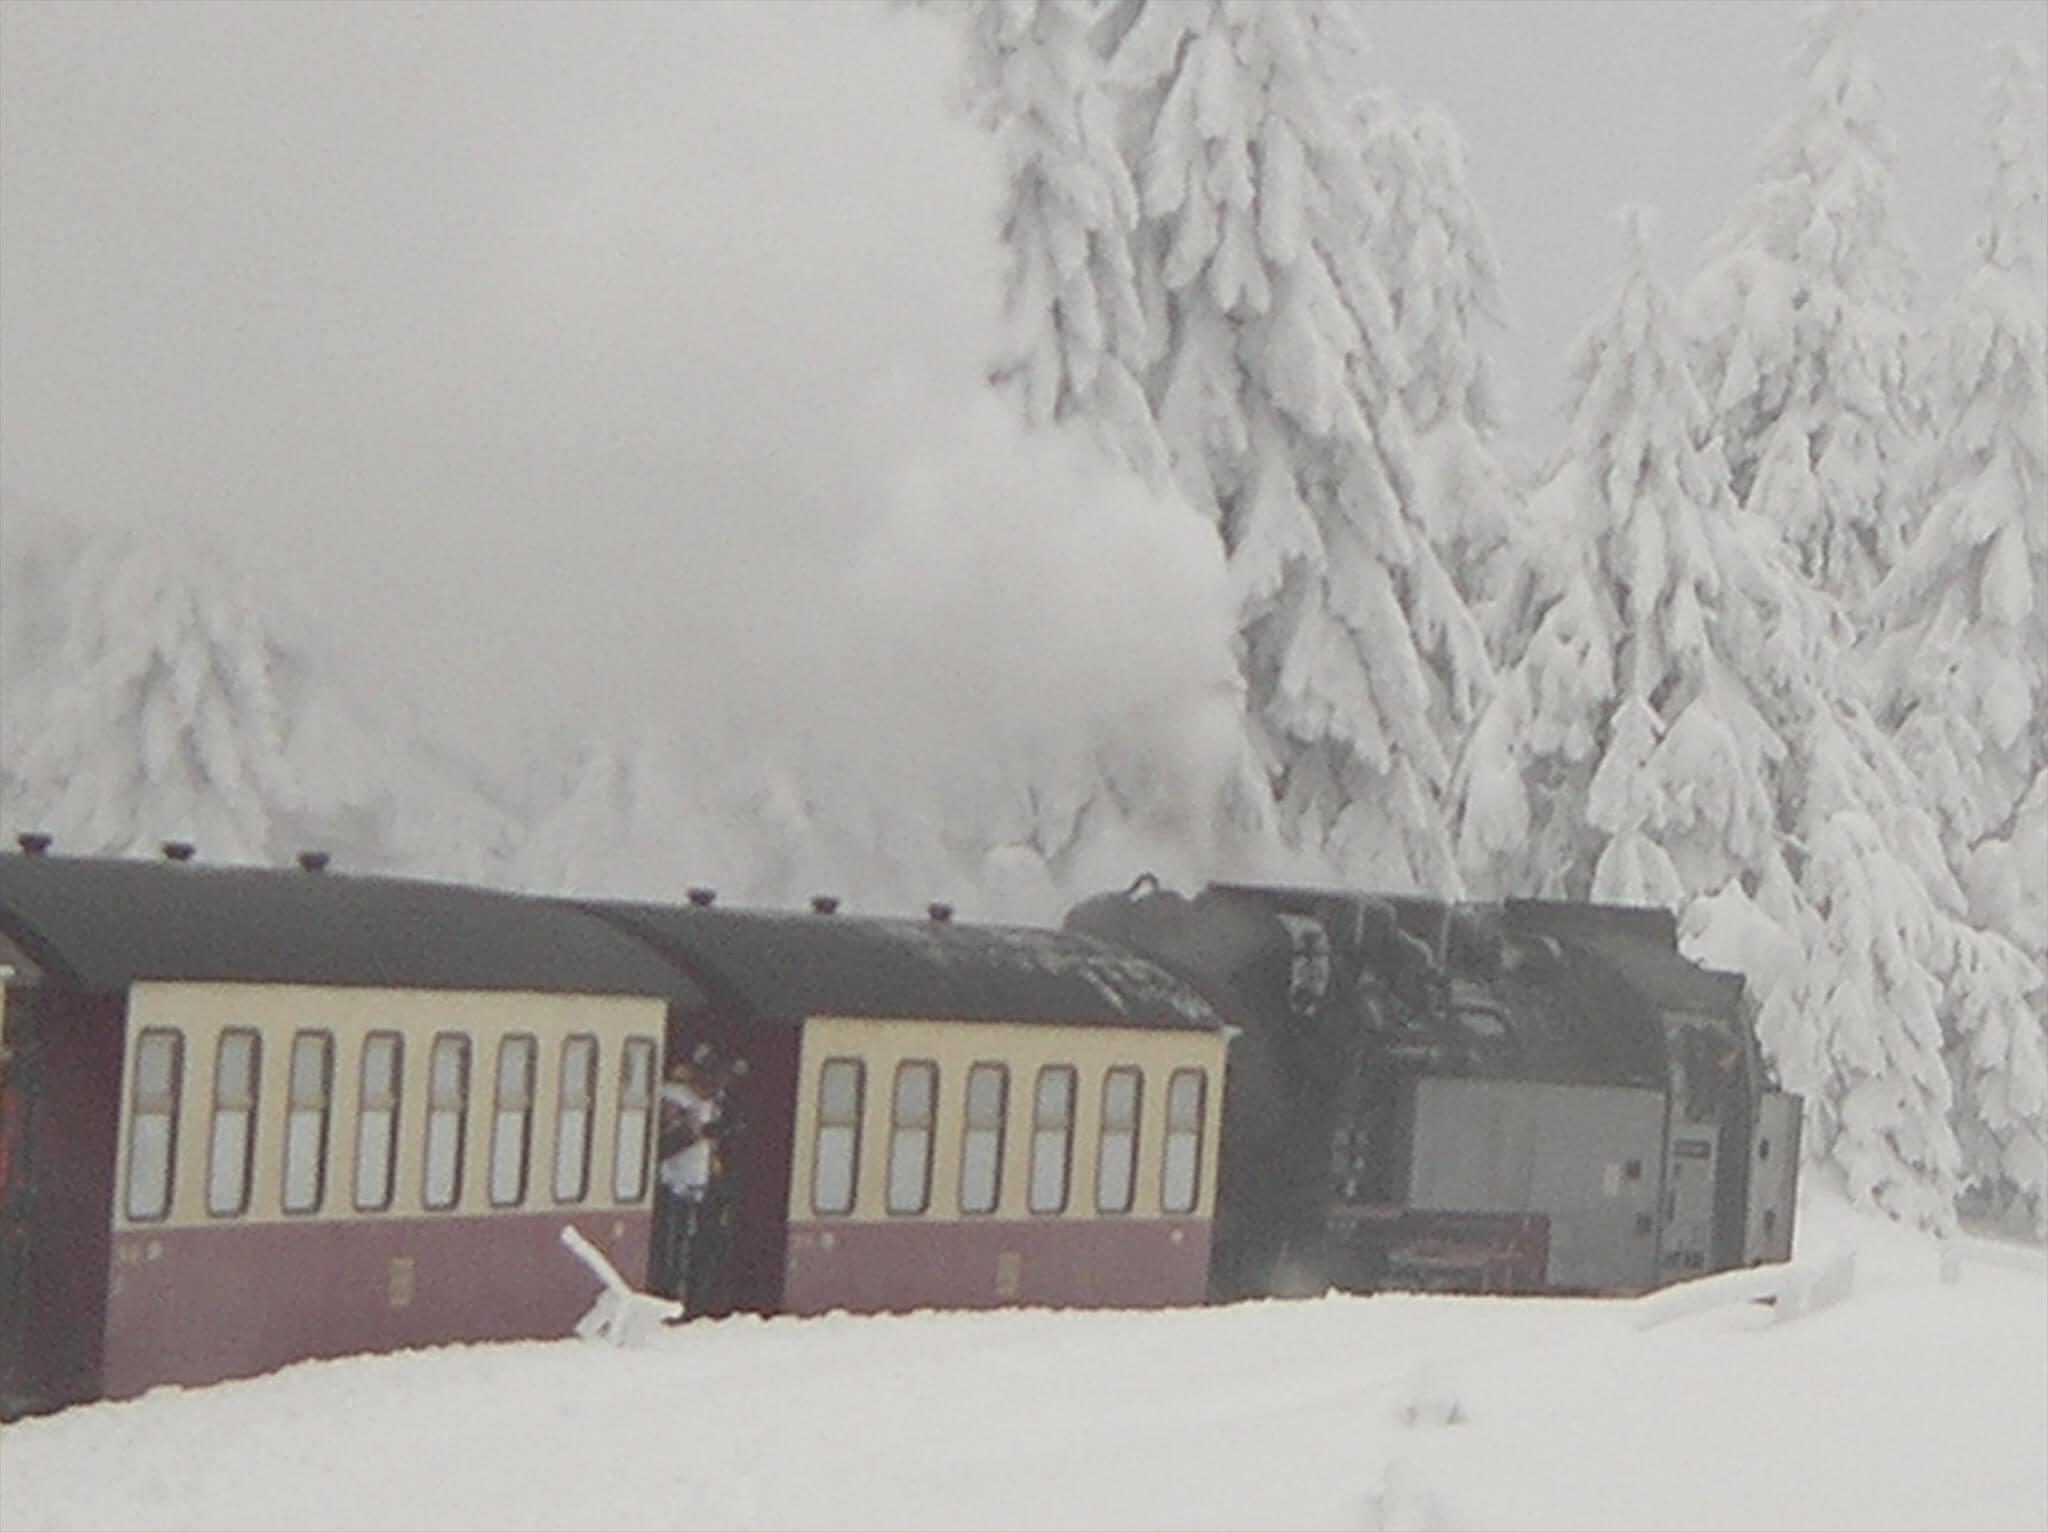 ブロッケン山の山頂まで走るSL列車